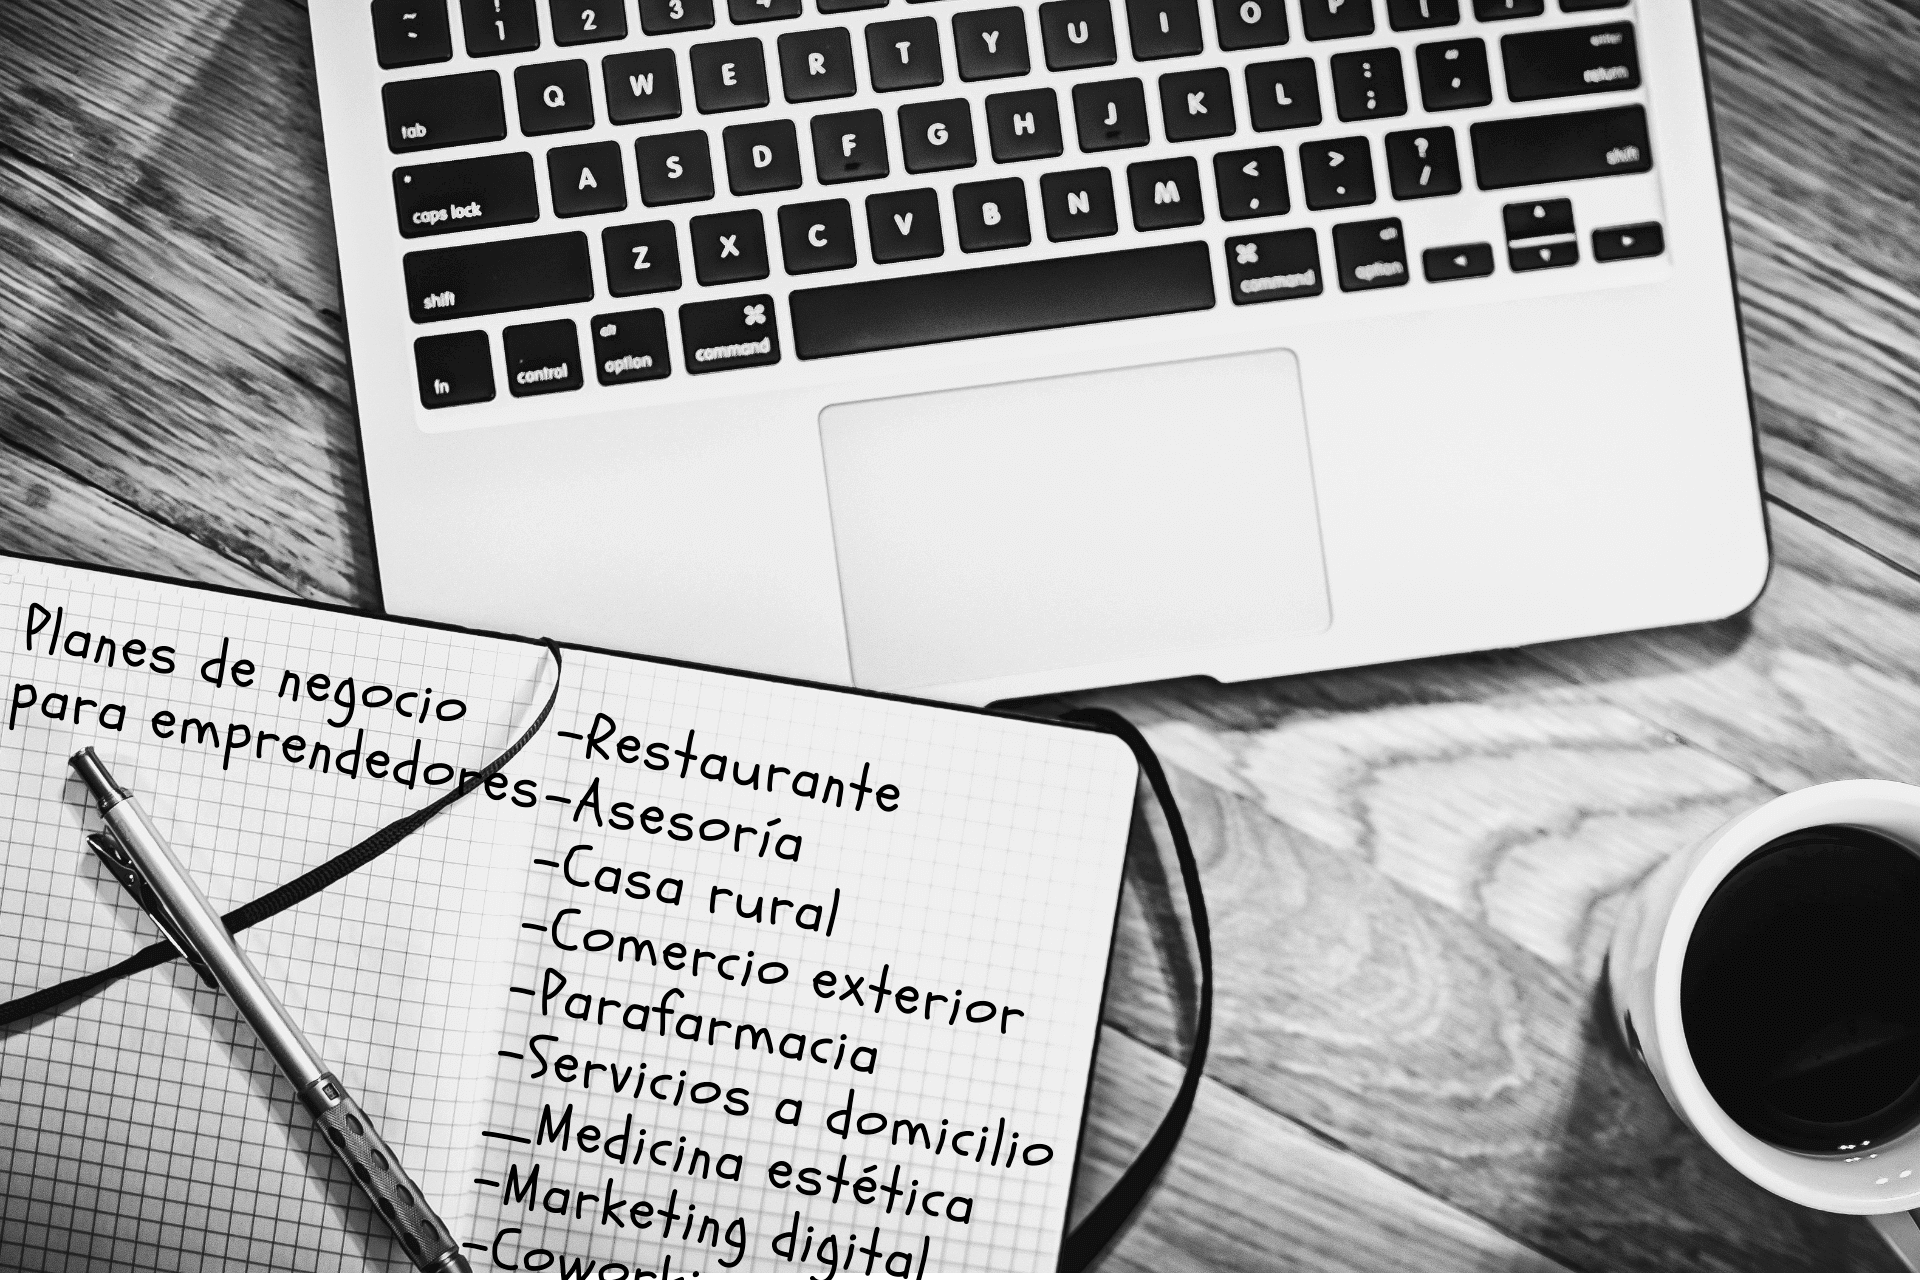 Artículos planes de negocio de diferentes sectores